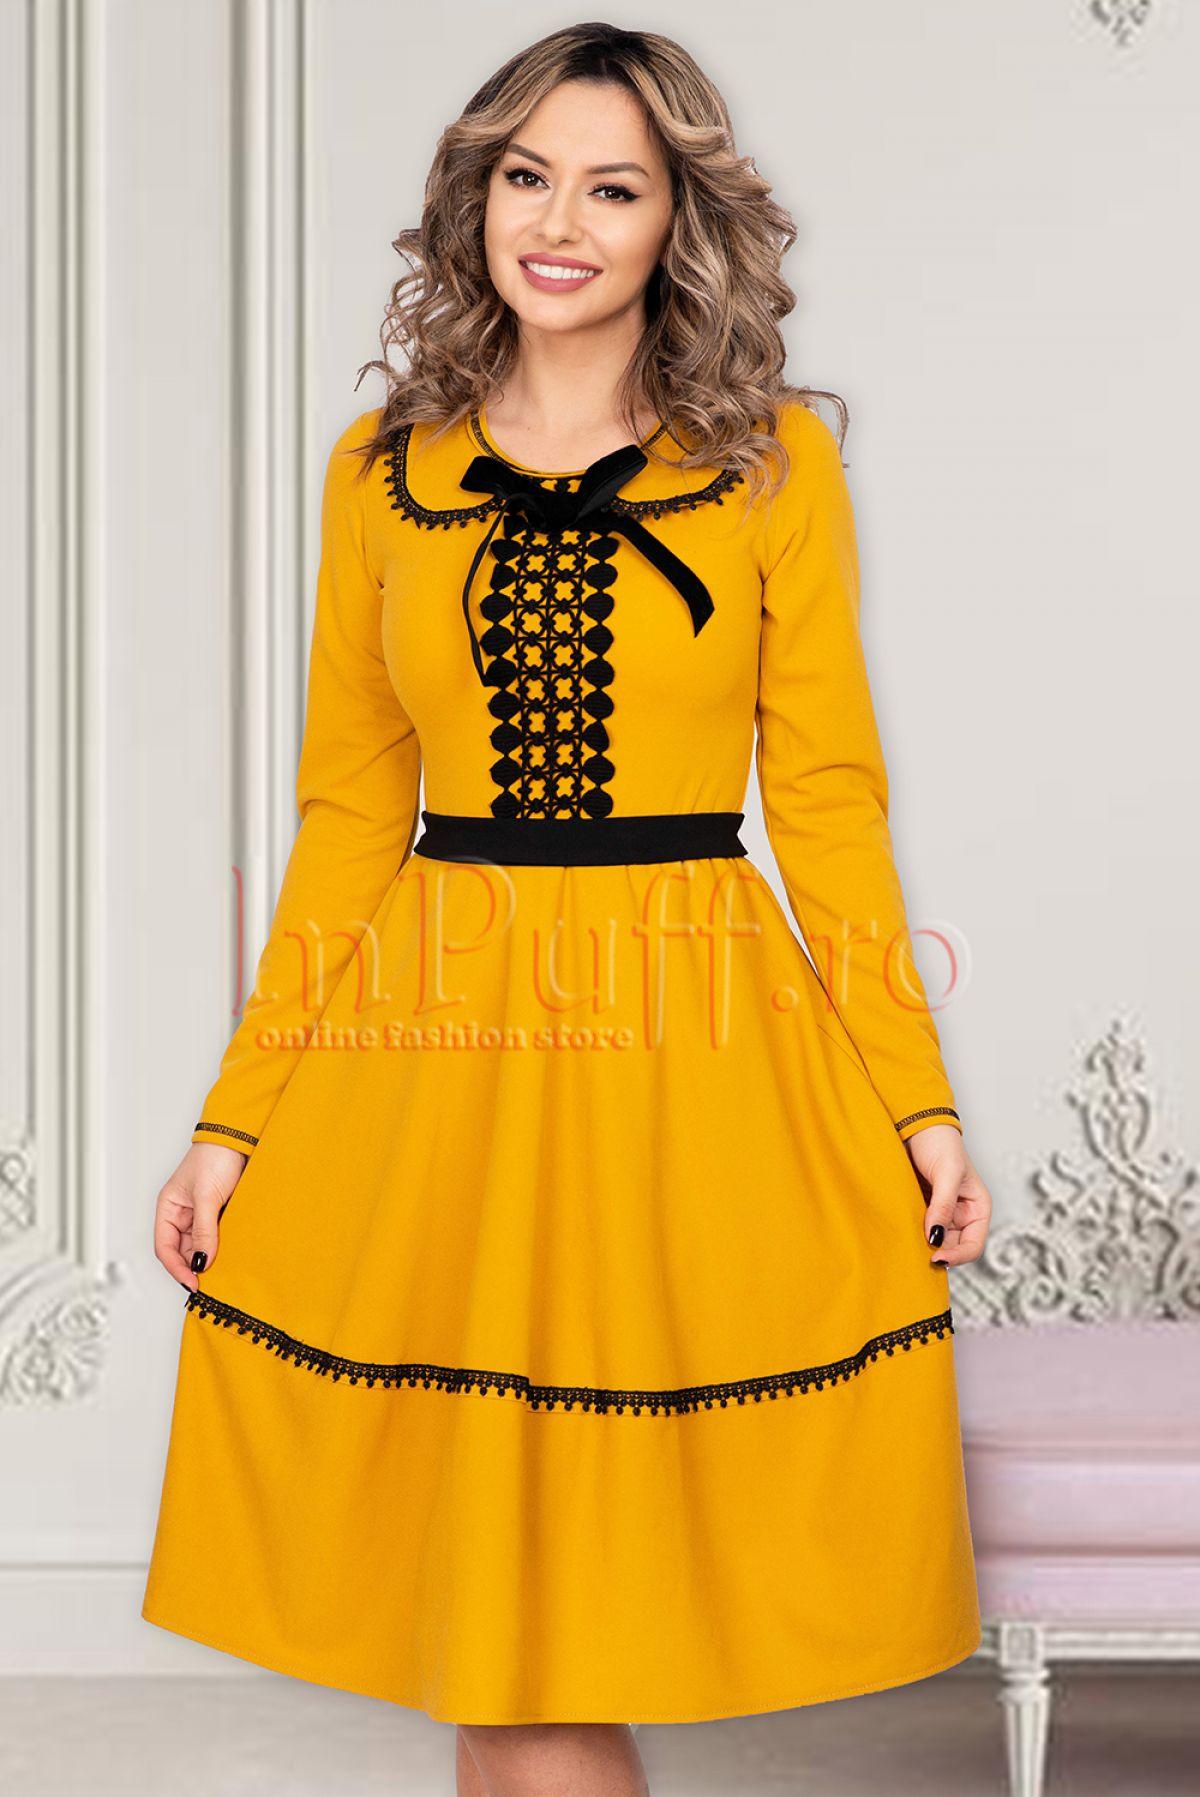 Rochie de zi galben - mustar cu insertii negre Venezia-Artigiano-Moda